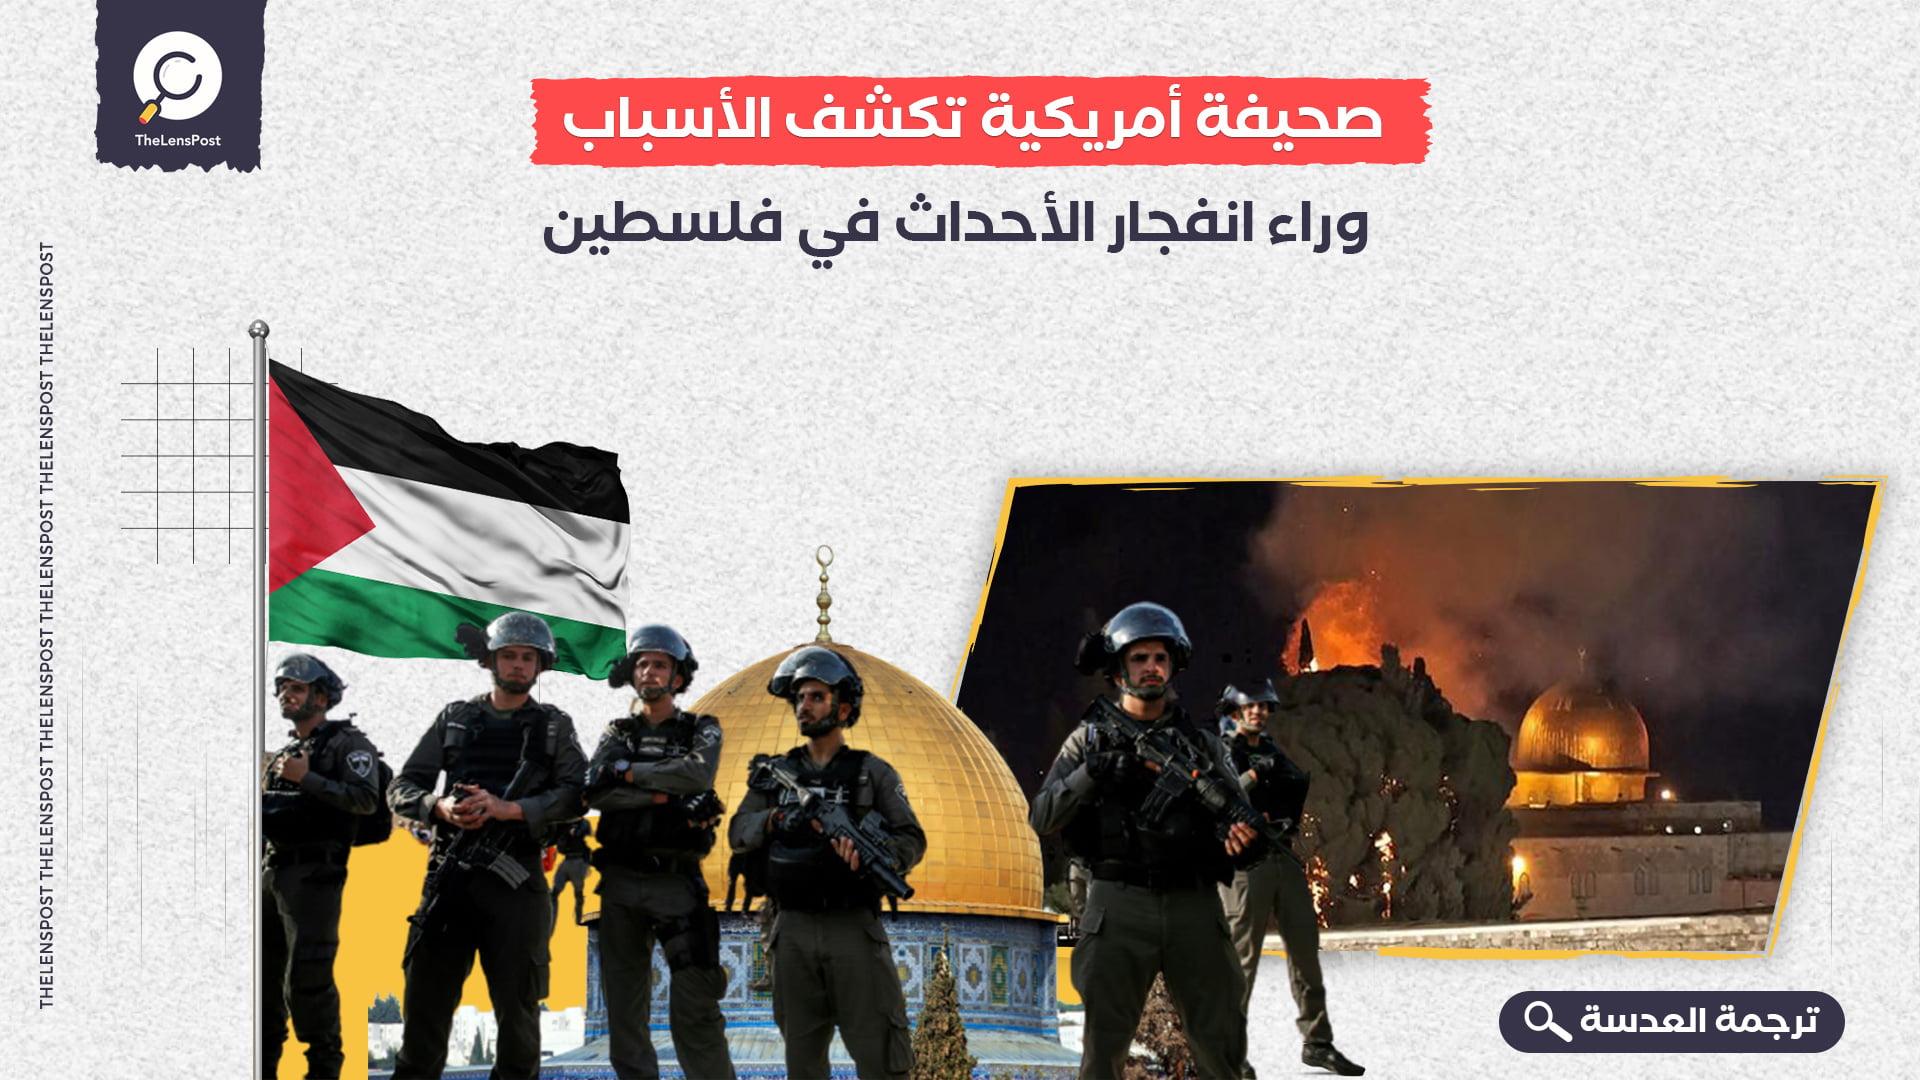 صحيفة أمريكية تكشف الأسباب وراء انفجار الأحداث في فلسطين